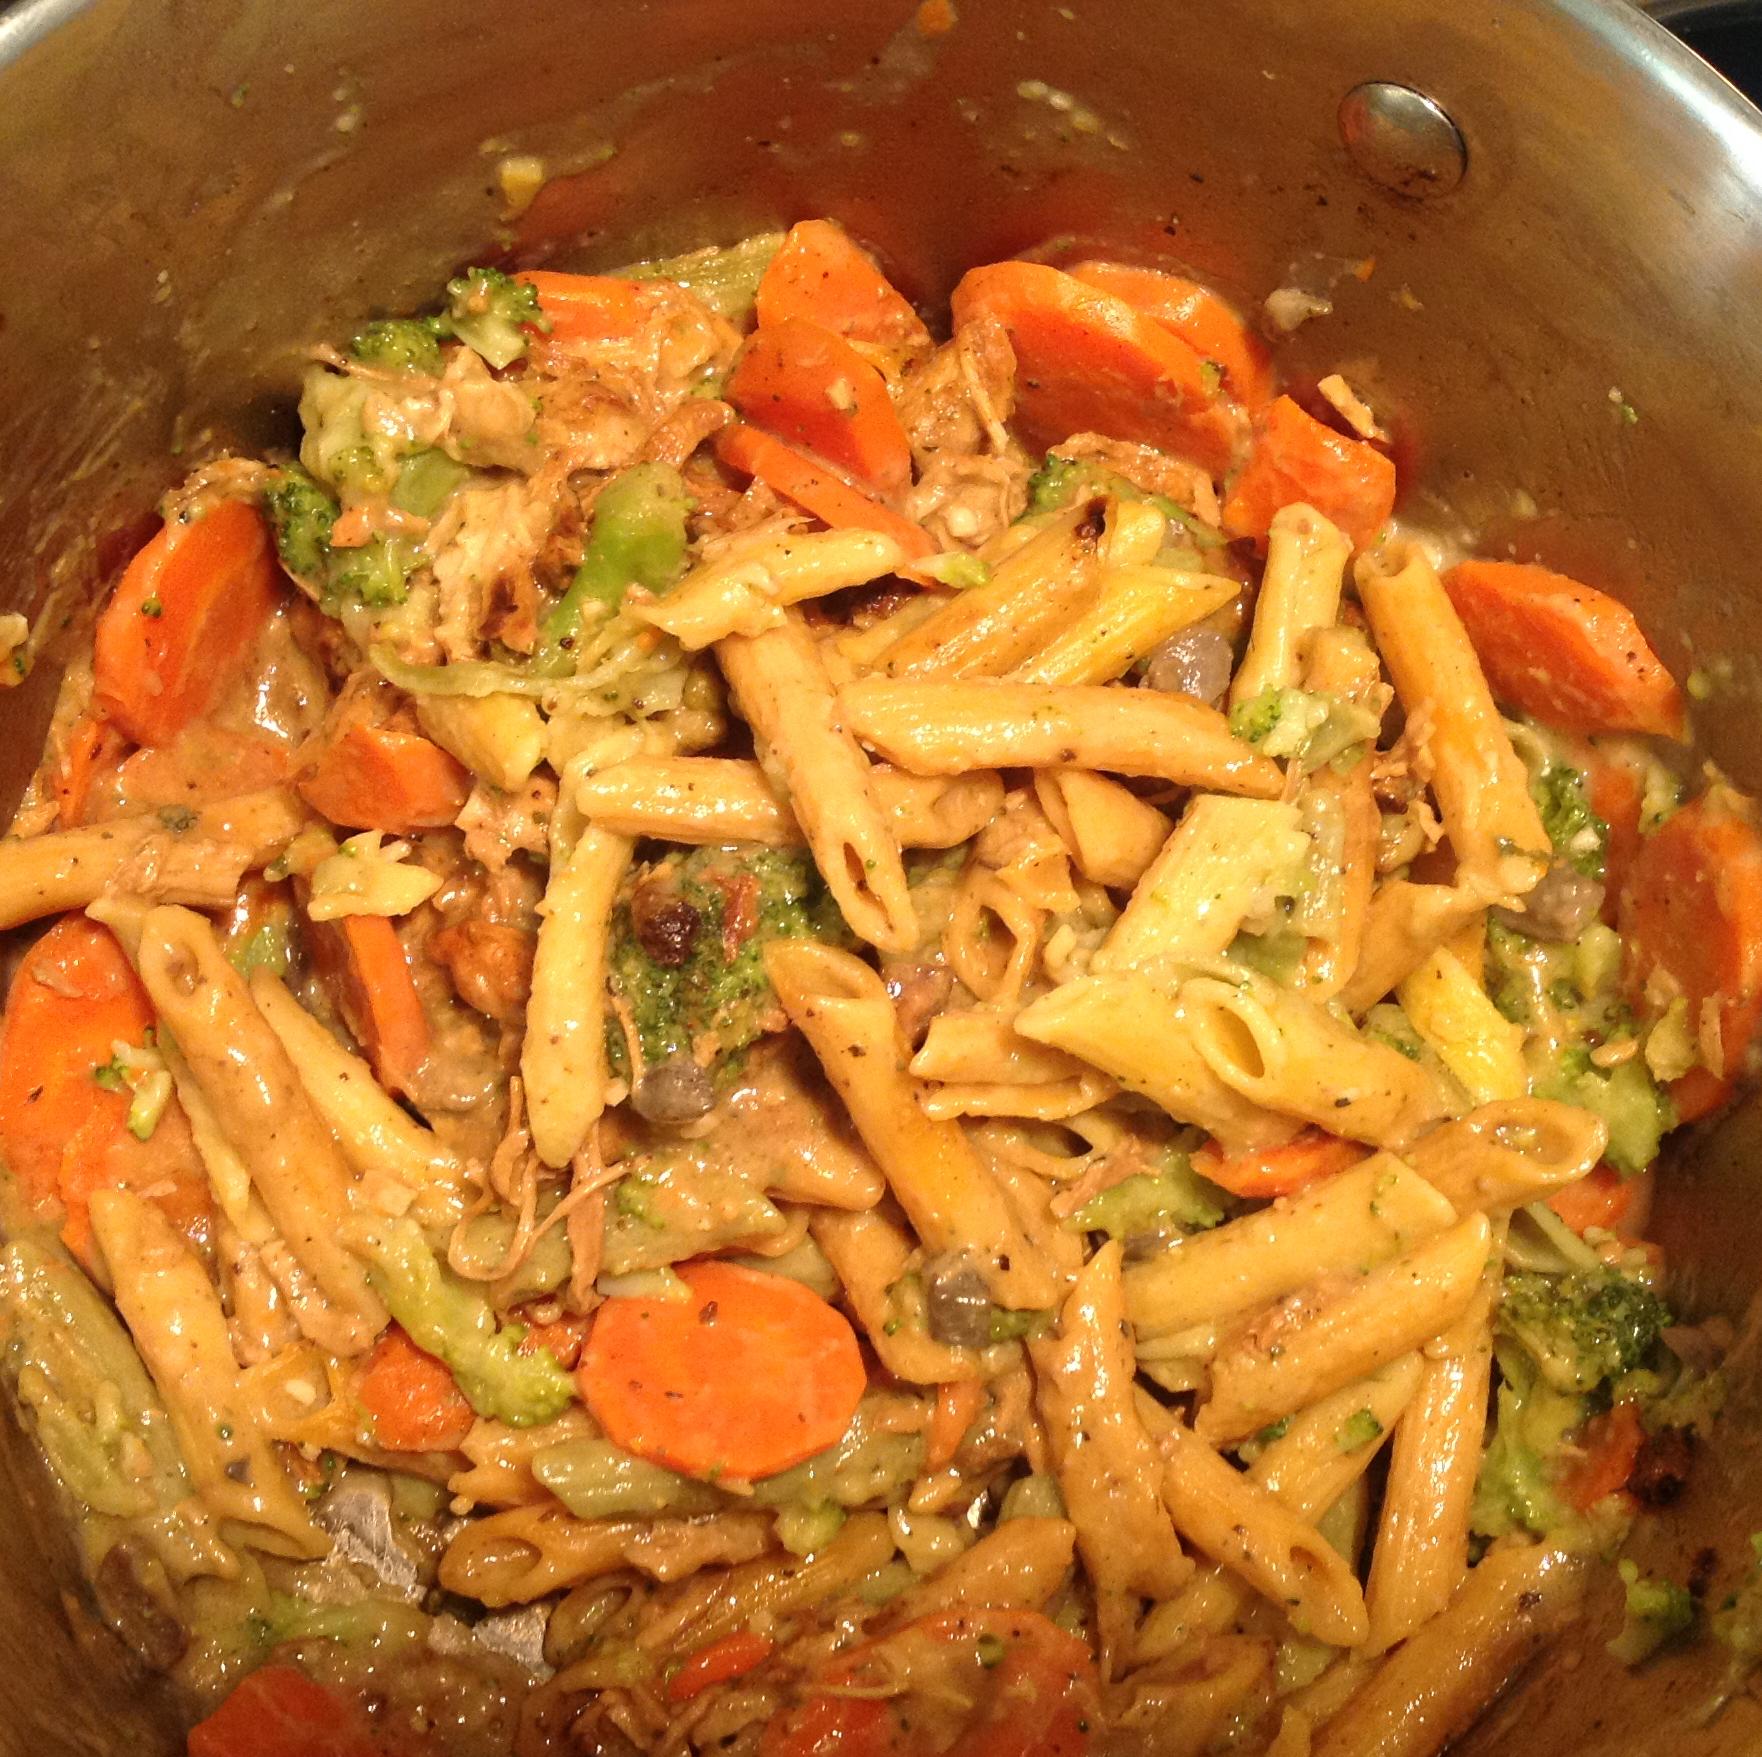 Chicken and Pasta Primavera mary.groesser@yahoo.com